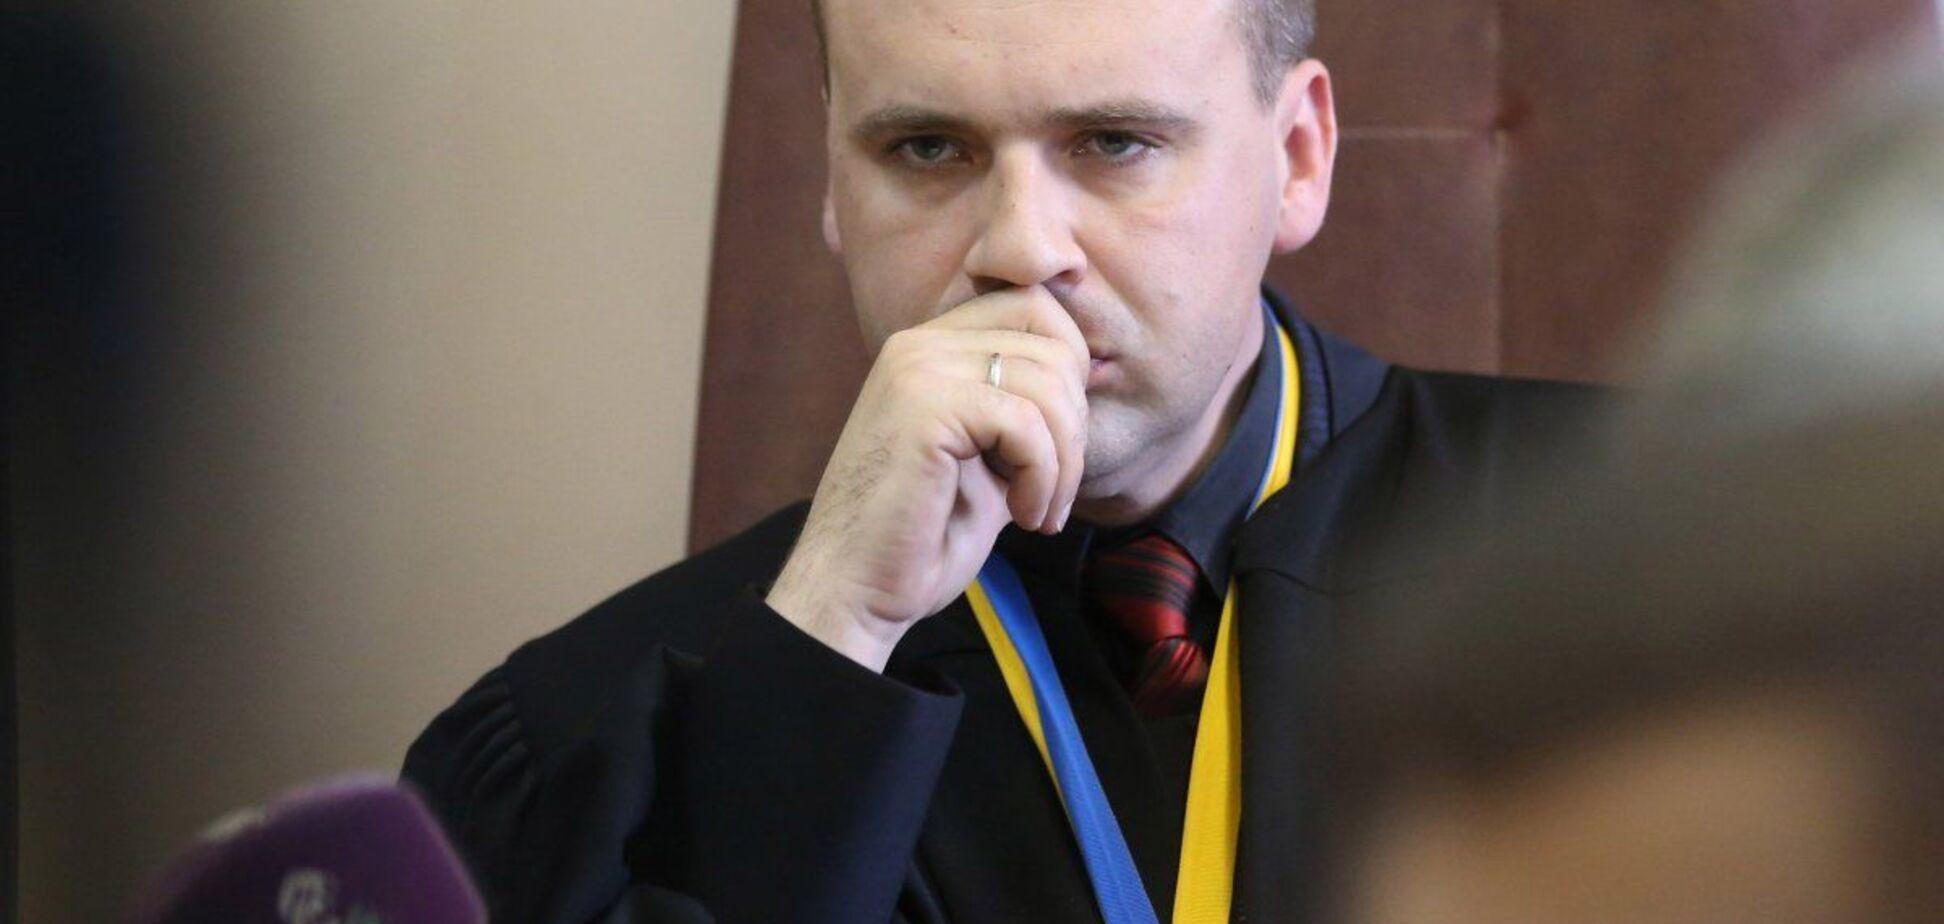 Раптово помер найскандальніший суддя України: чим він запам'ятався